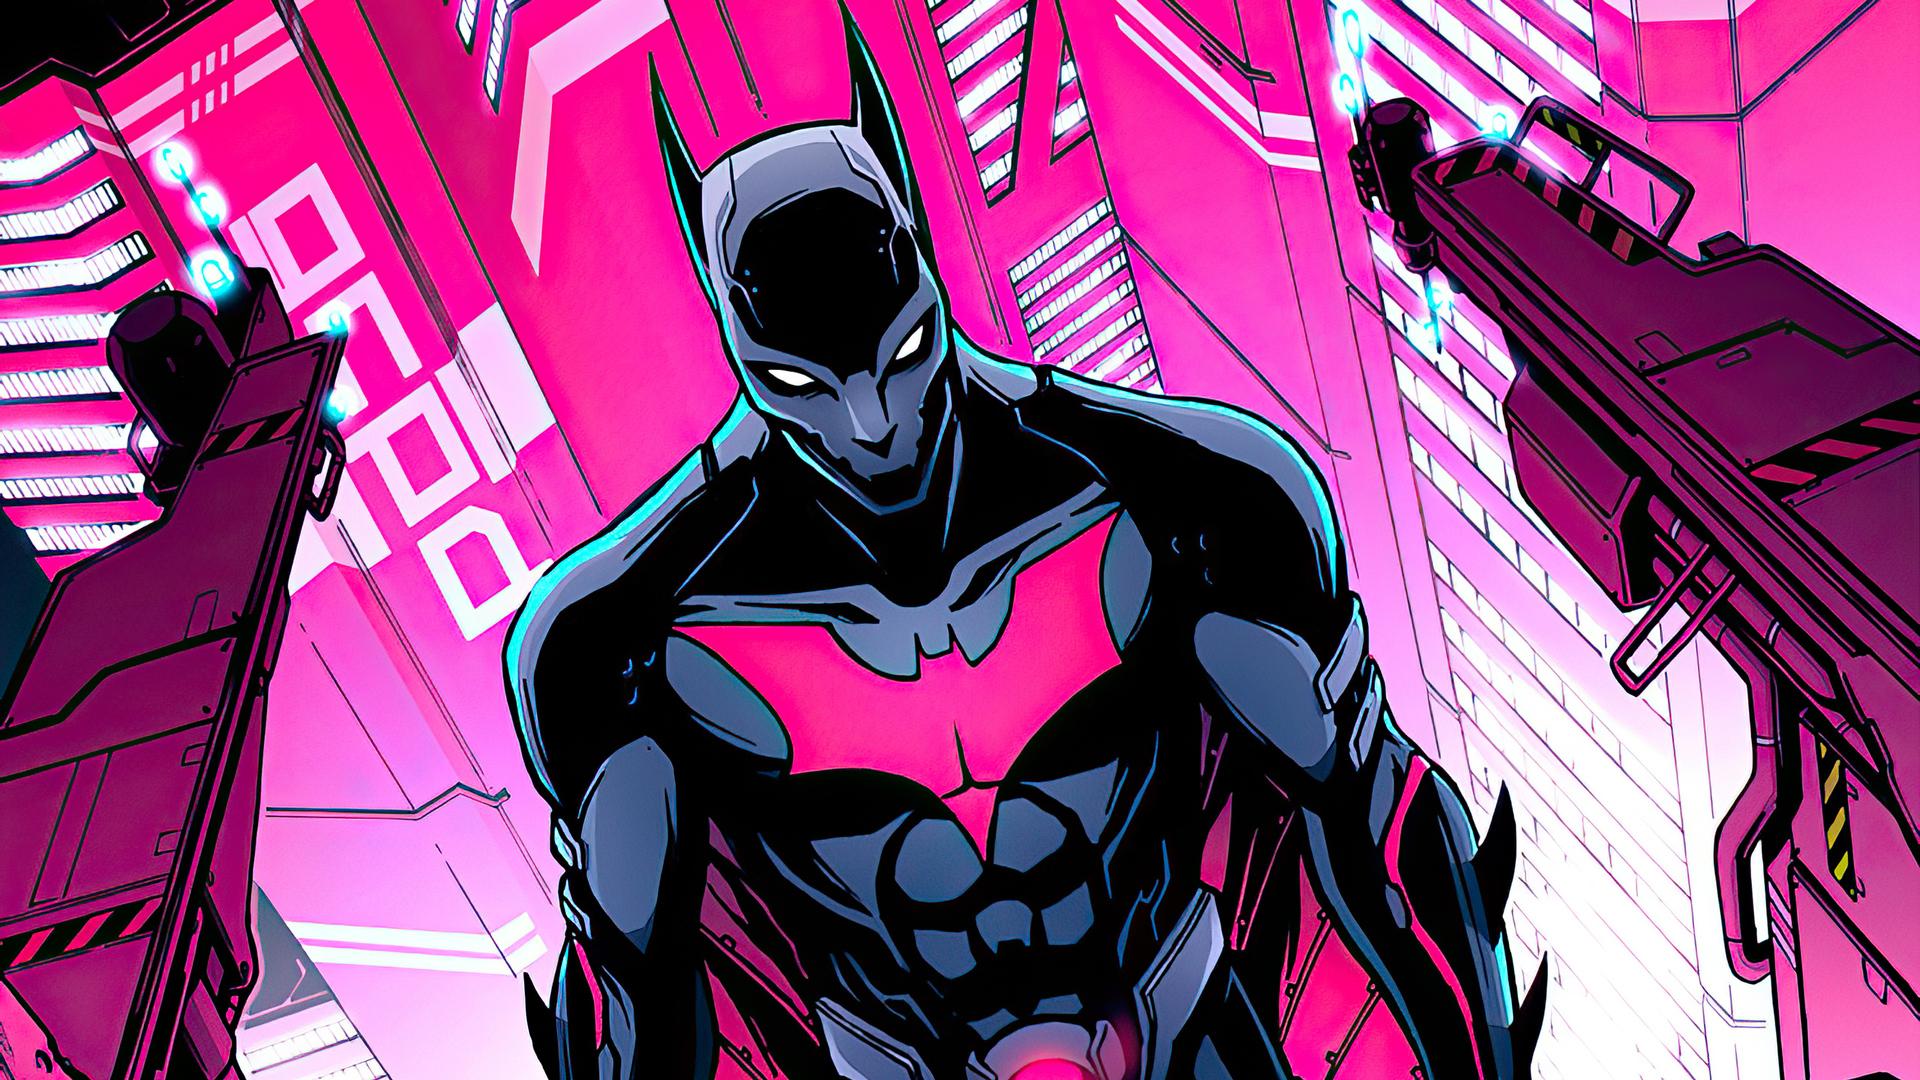 1920x1080 Batman Beyond Cyber City Laptop Full HD 1080P HD ...